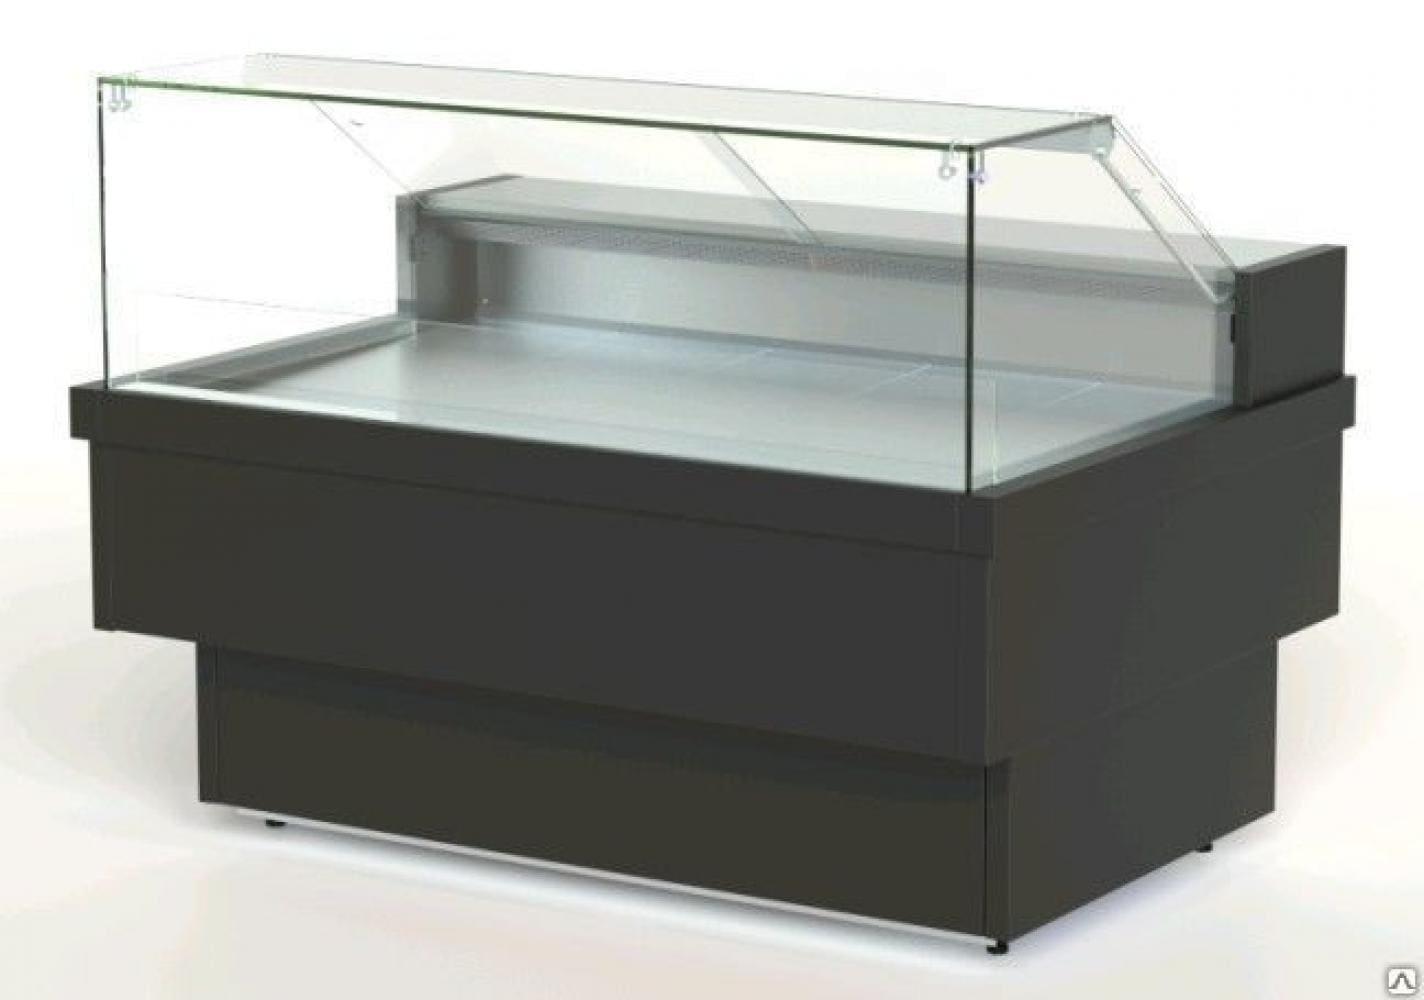 Холодильная витрина в аренду PR Куб 1620, универсальный режим +4 -4 градуса